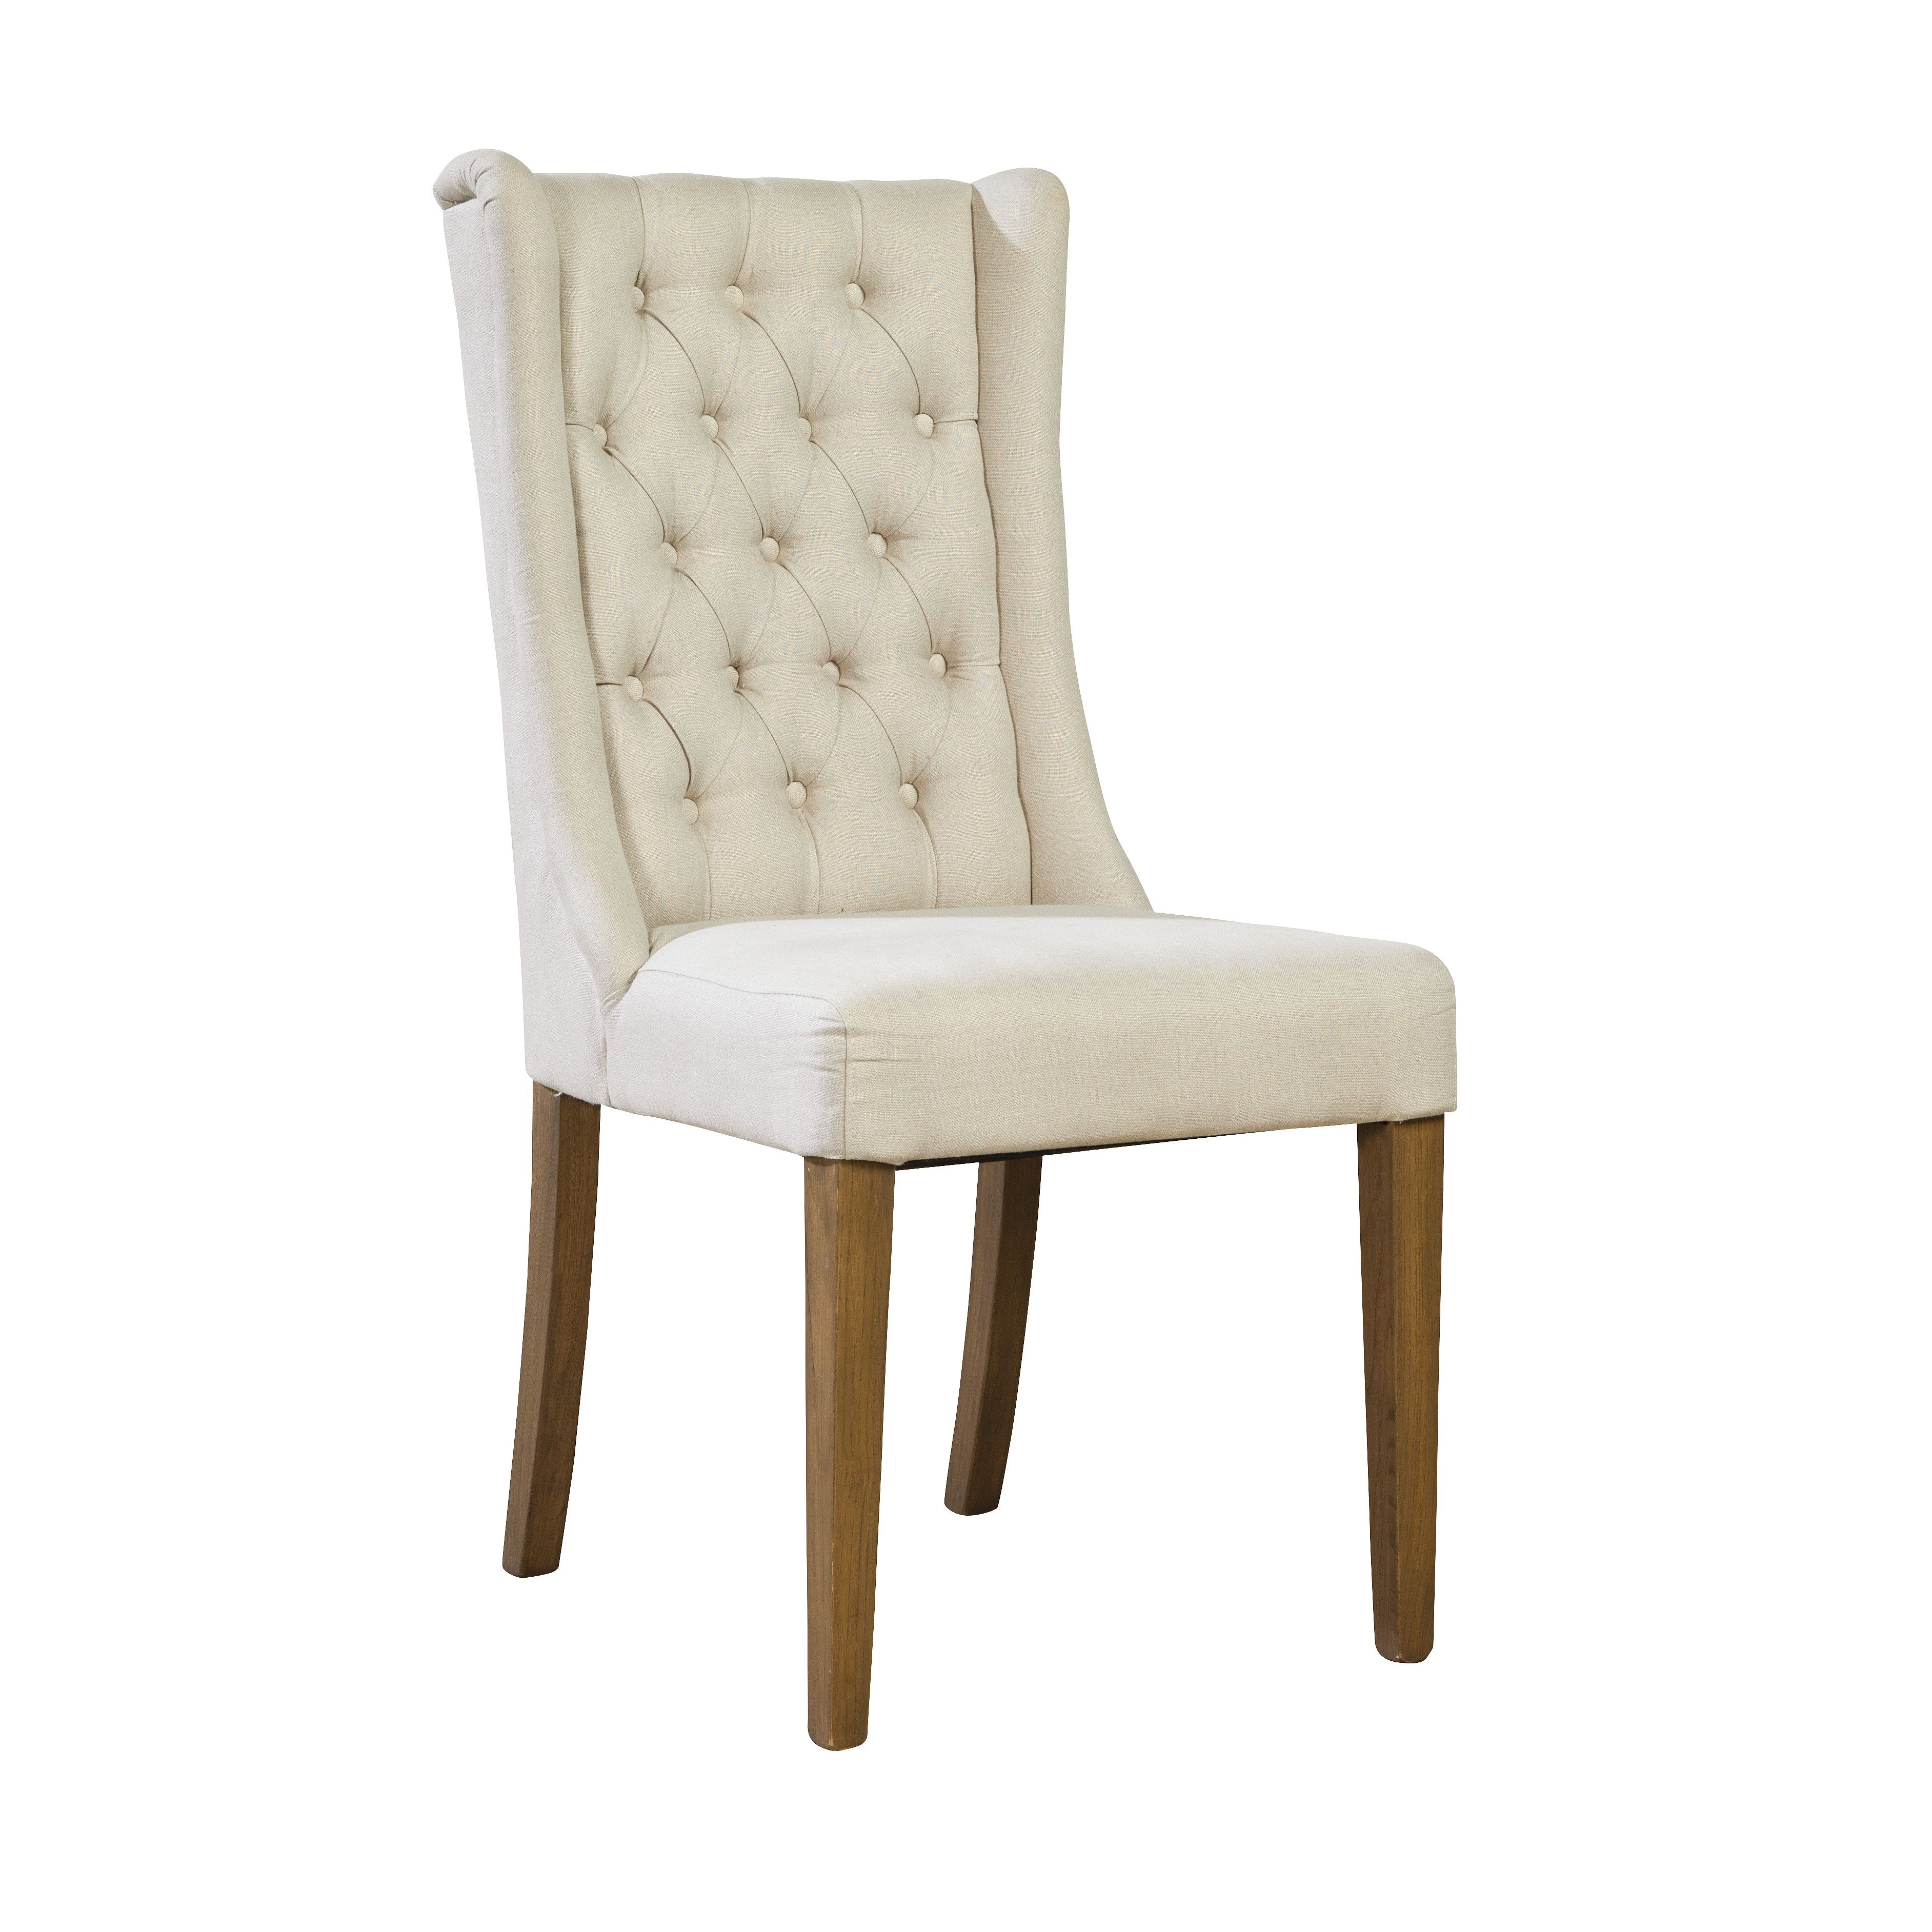 Furniture Classics LTD Parsons Chair